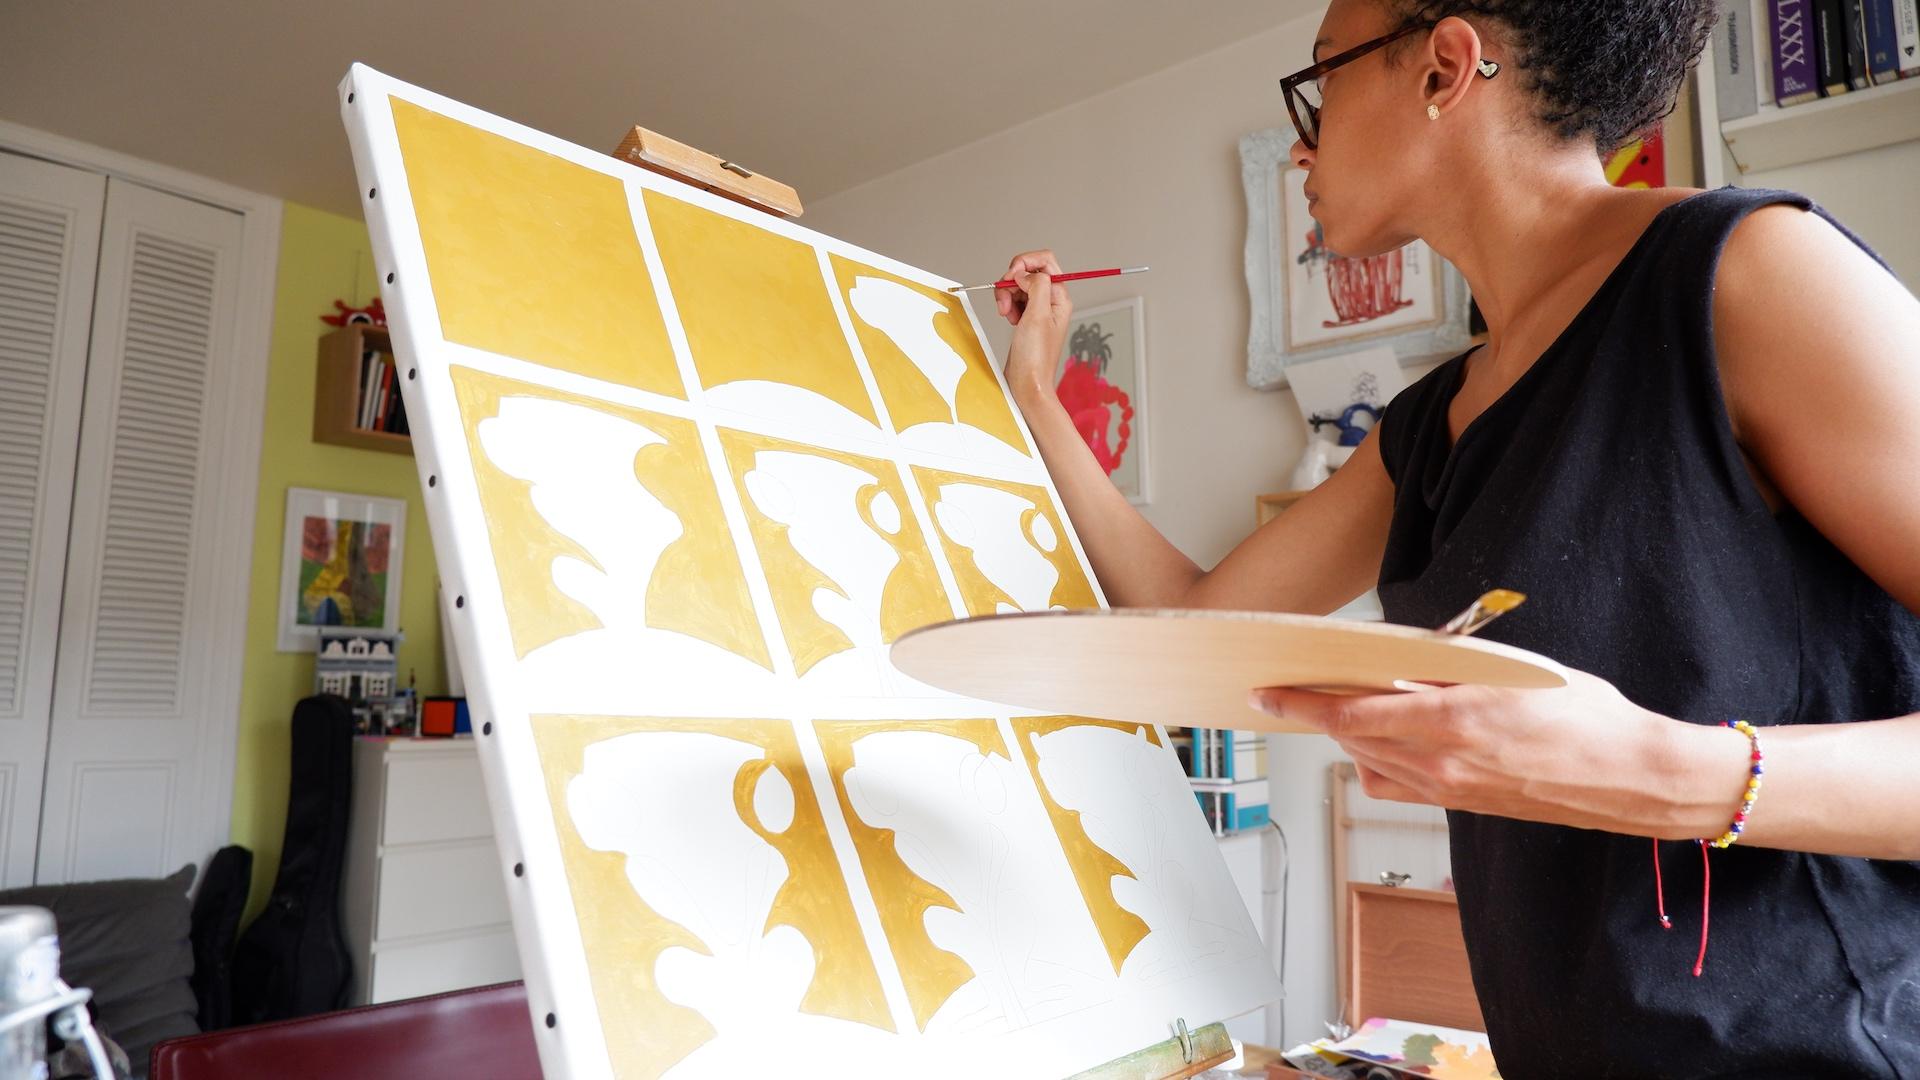 Raphaële Anfré painting